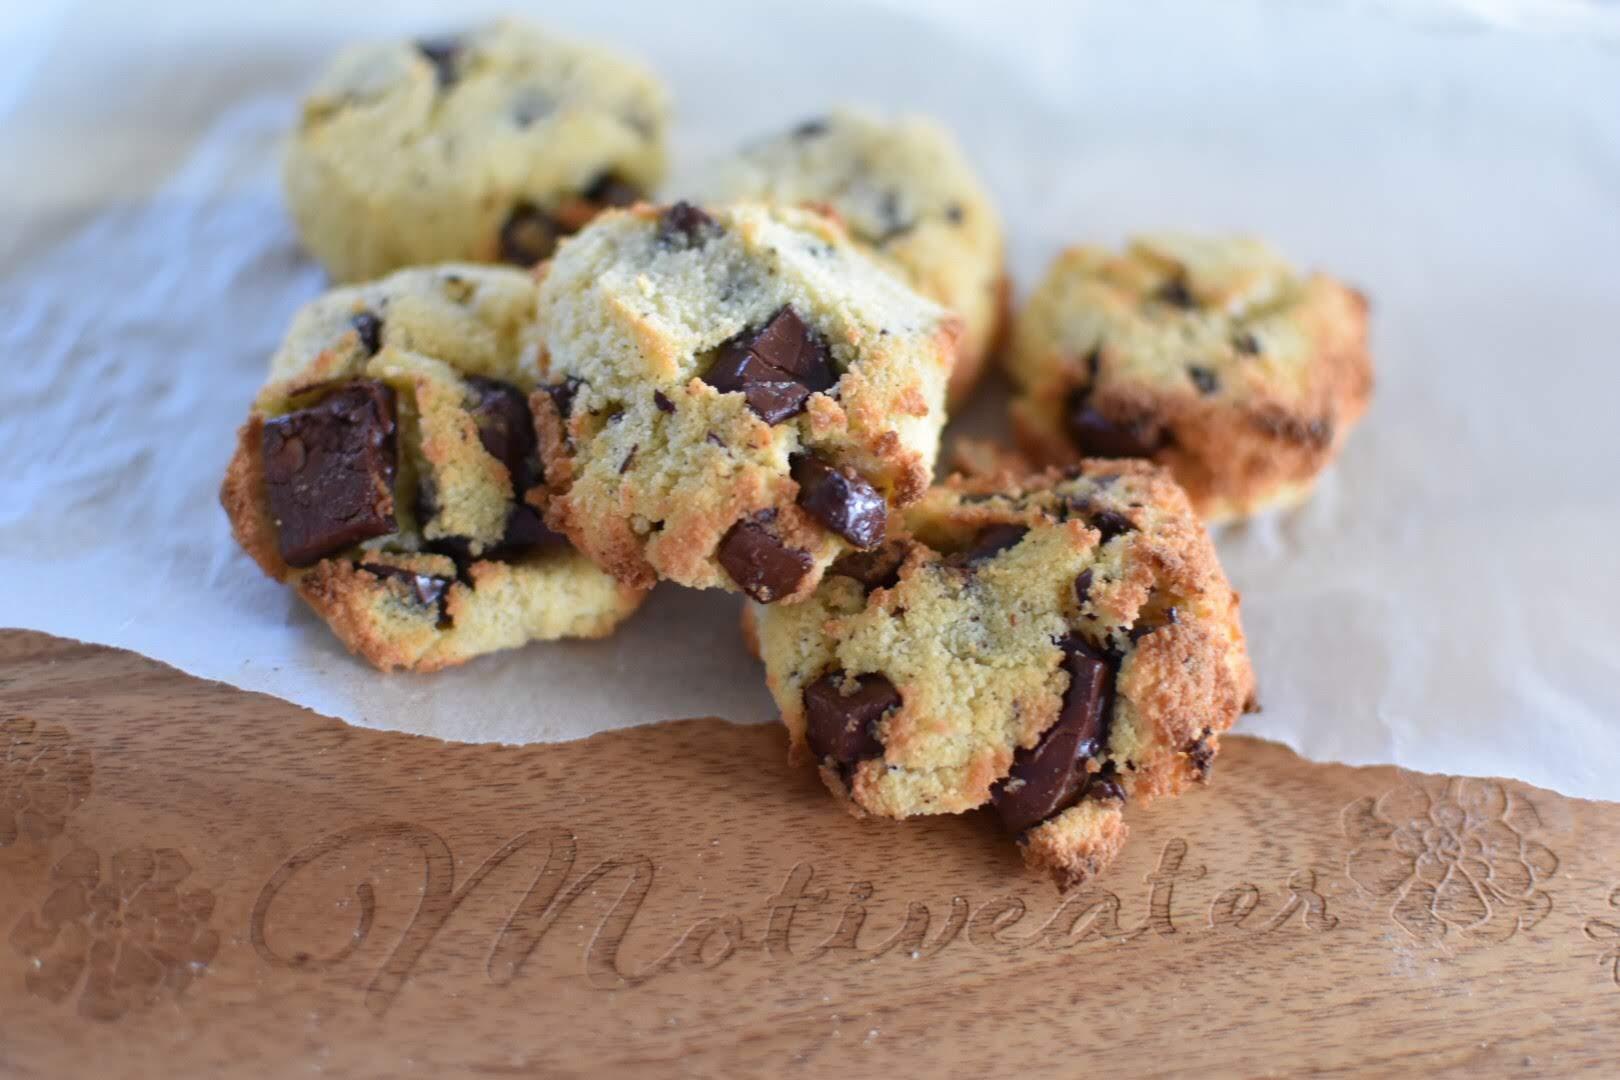 Chilli Choc Chip Cookies